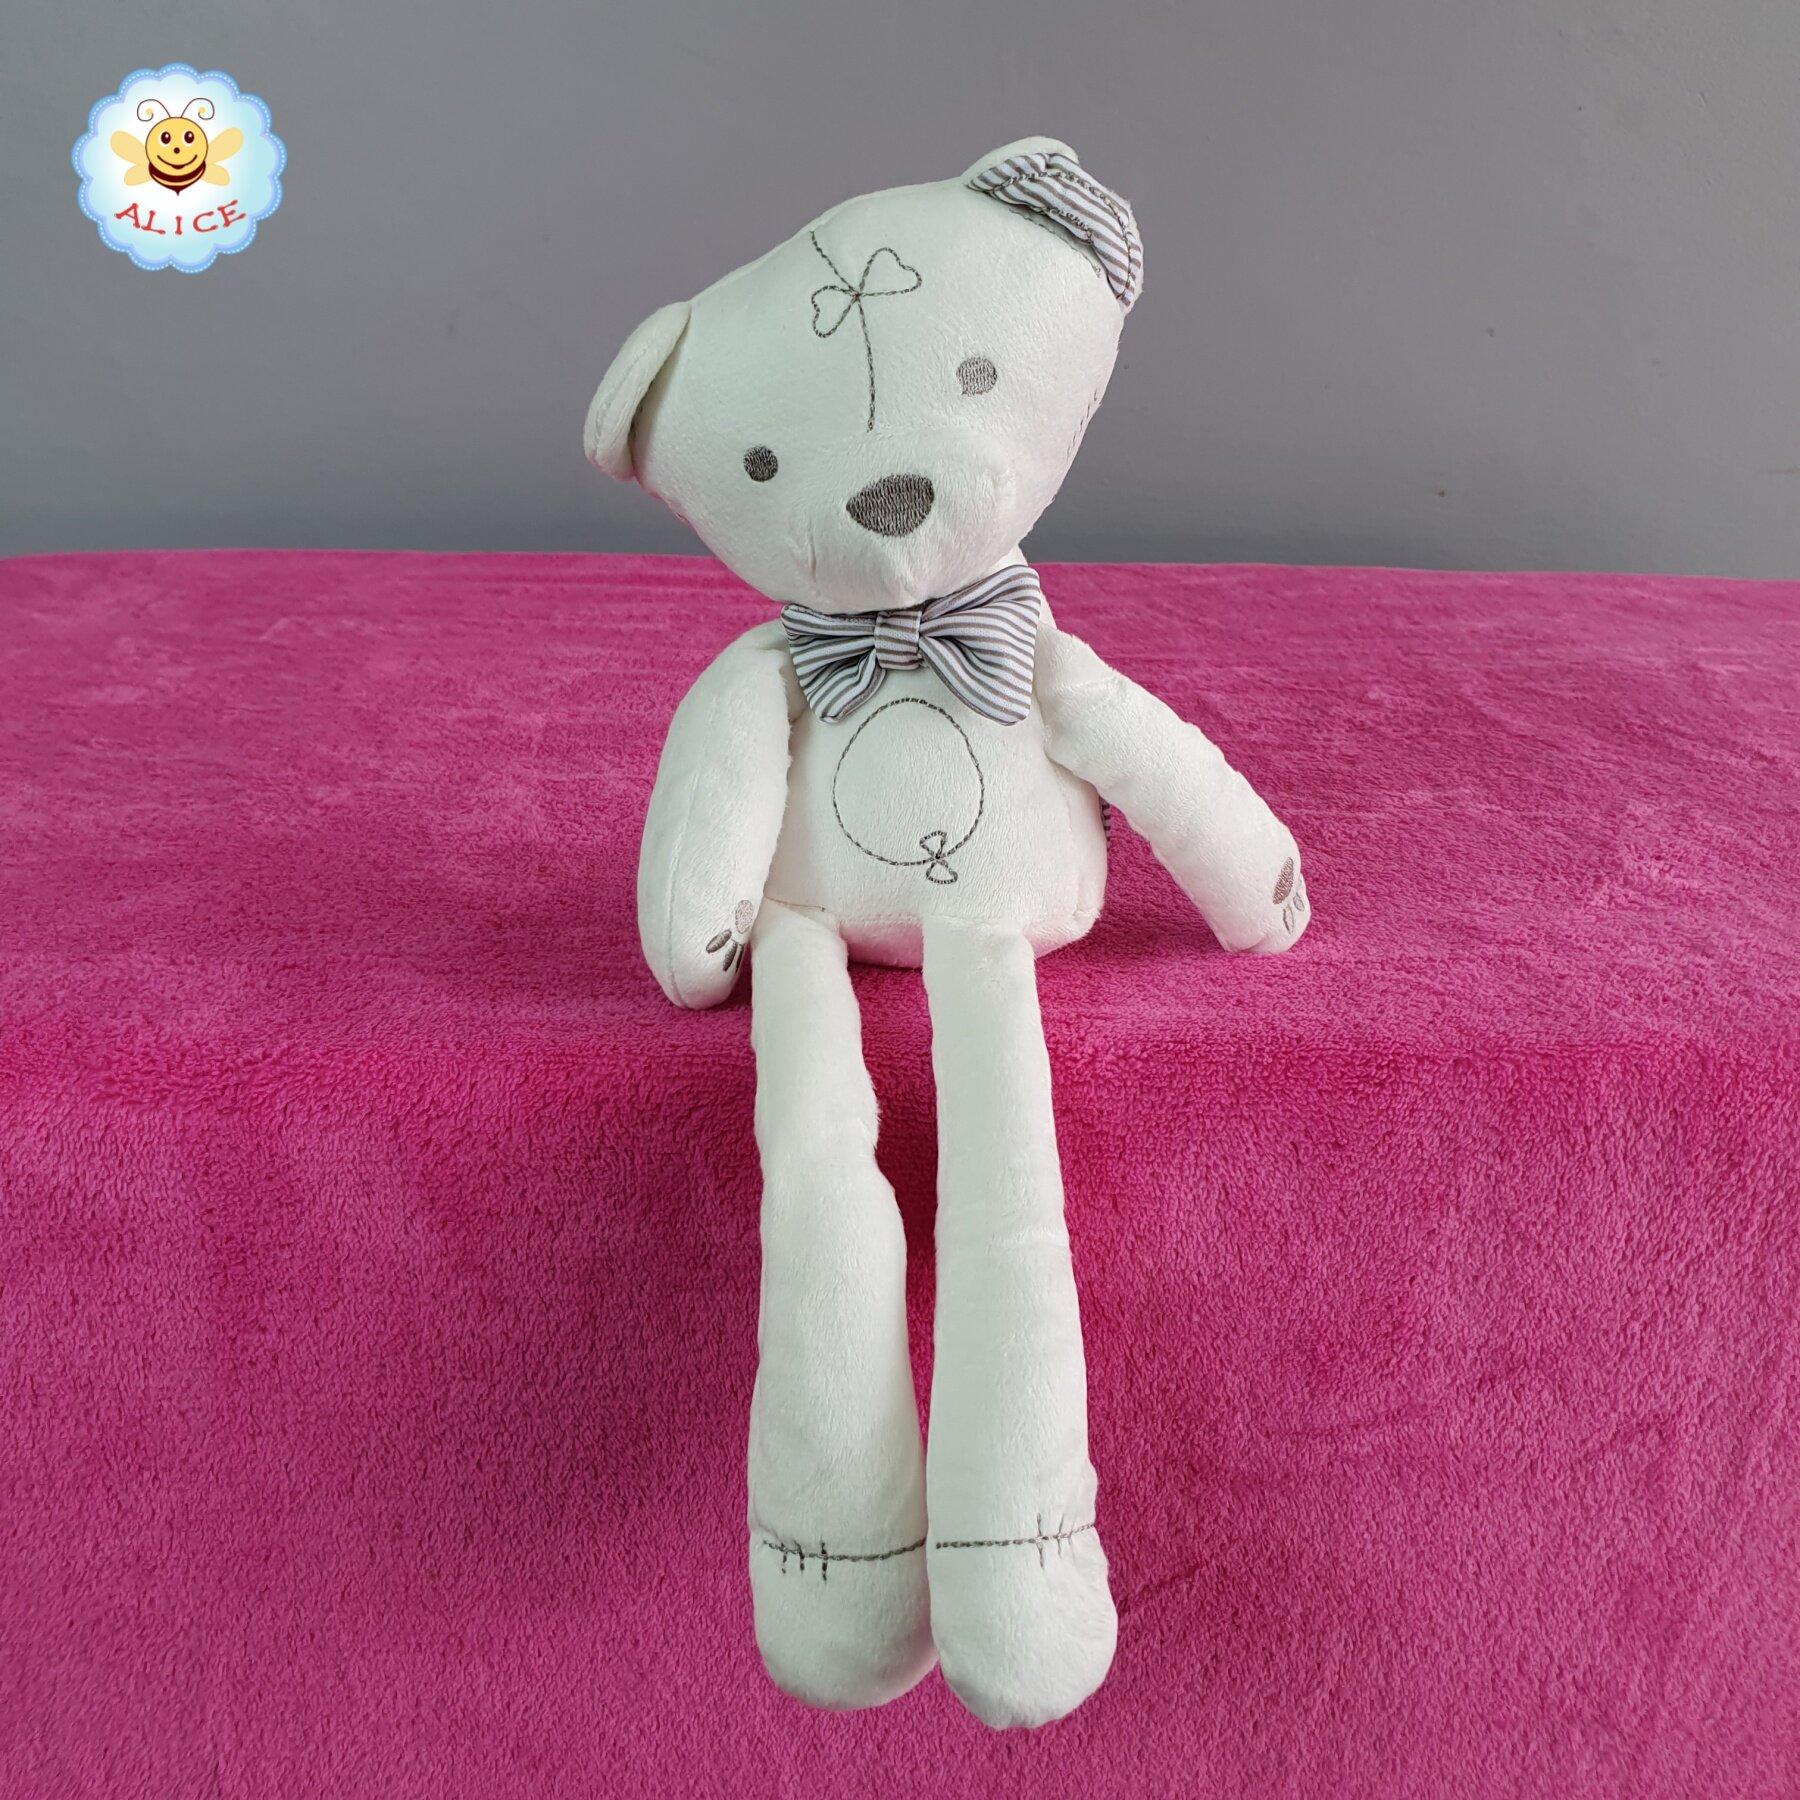 ตุ๊กตา กระต่ายเน่า หมีเน่า กระต่ายใส่ชุดบัลเล่ต์(ชุดถอดได้) นิ่มมาก ของเล่น rabbit bear toy doll alicdolly